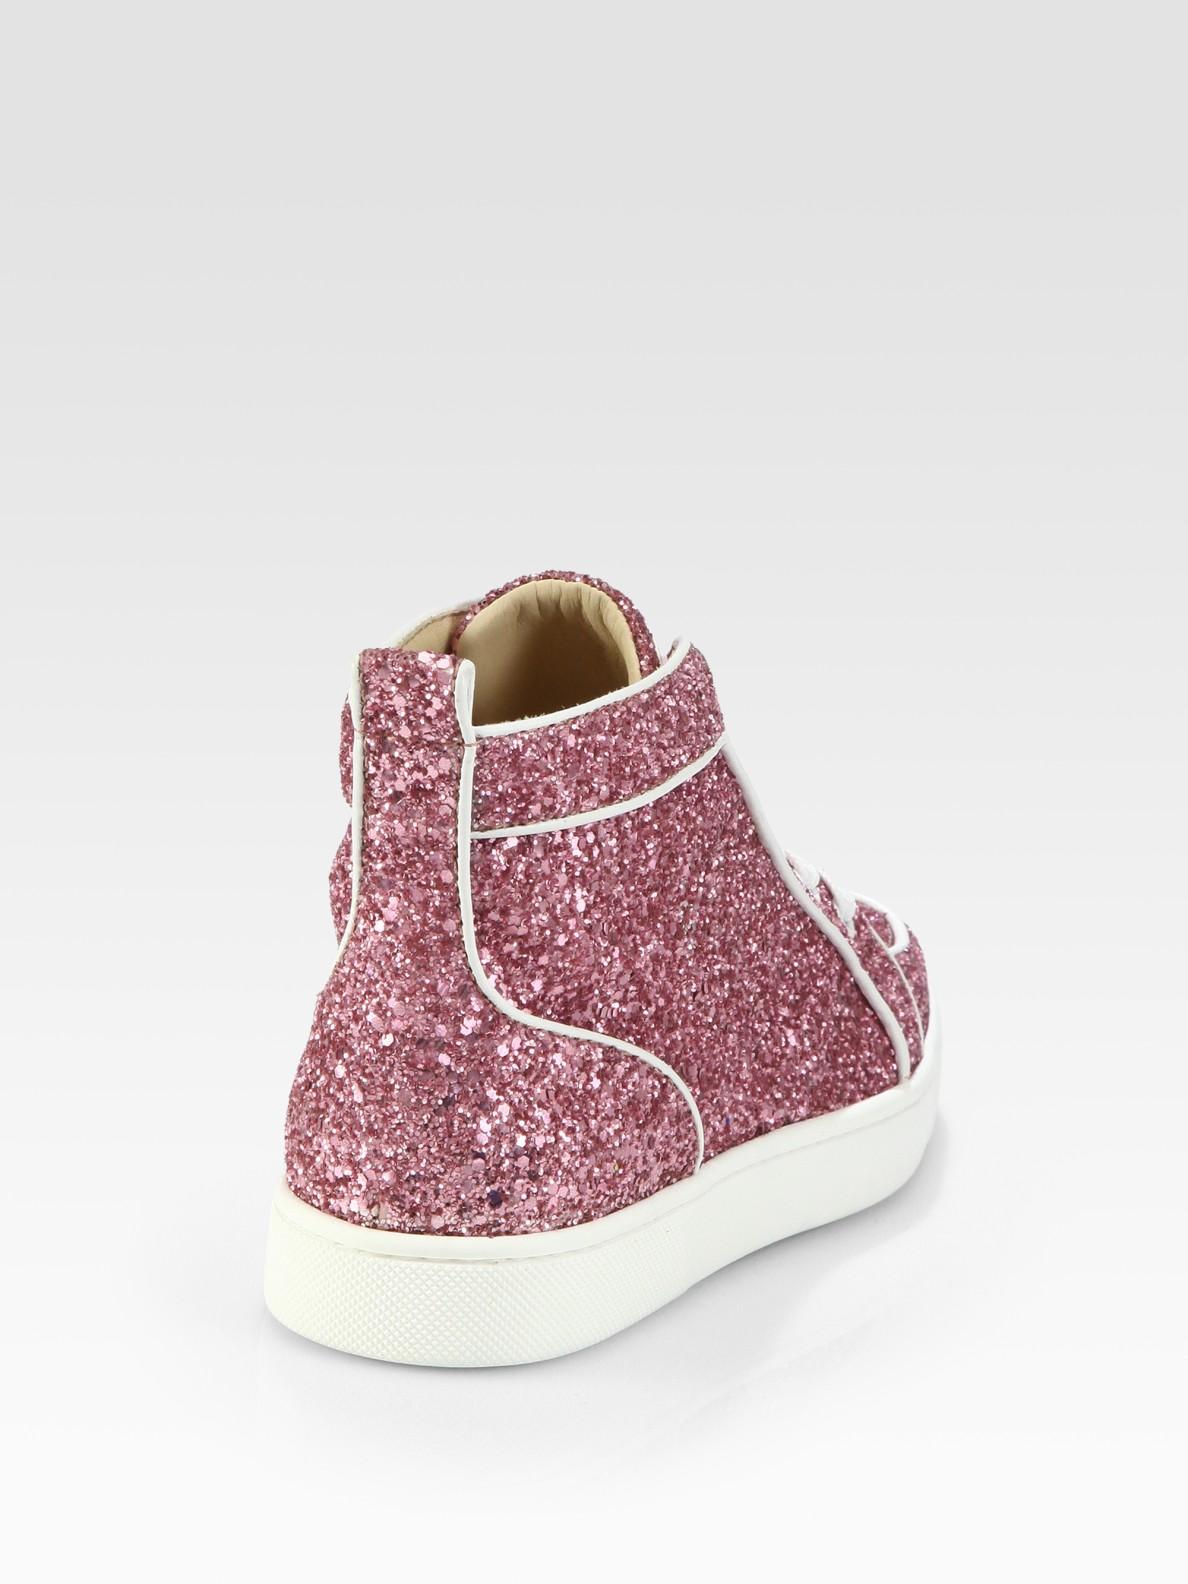 Lyst Christian Louboutin Rantus Orlato Glitter Sneakers